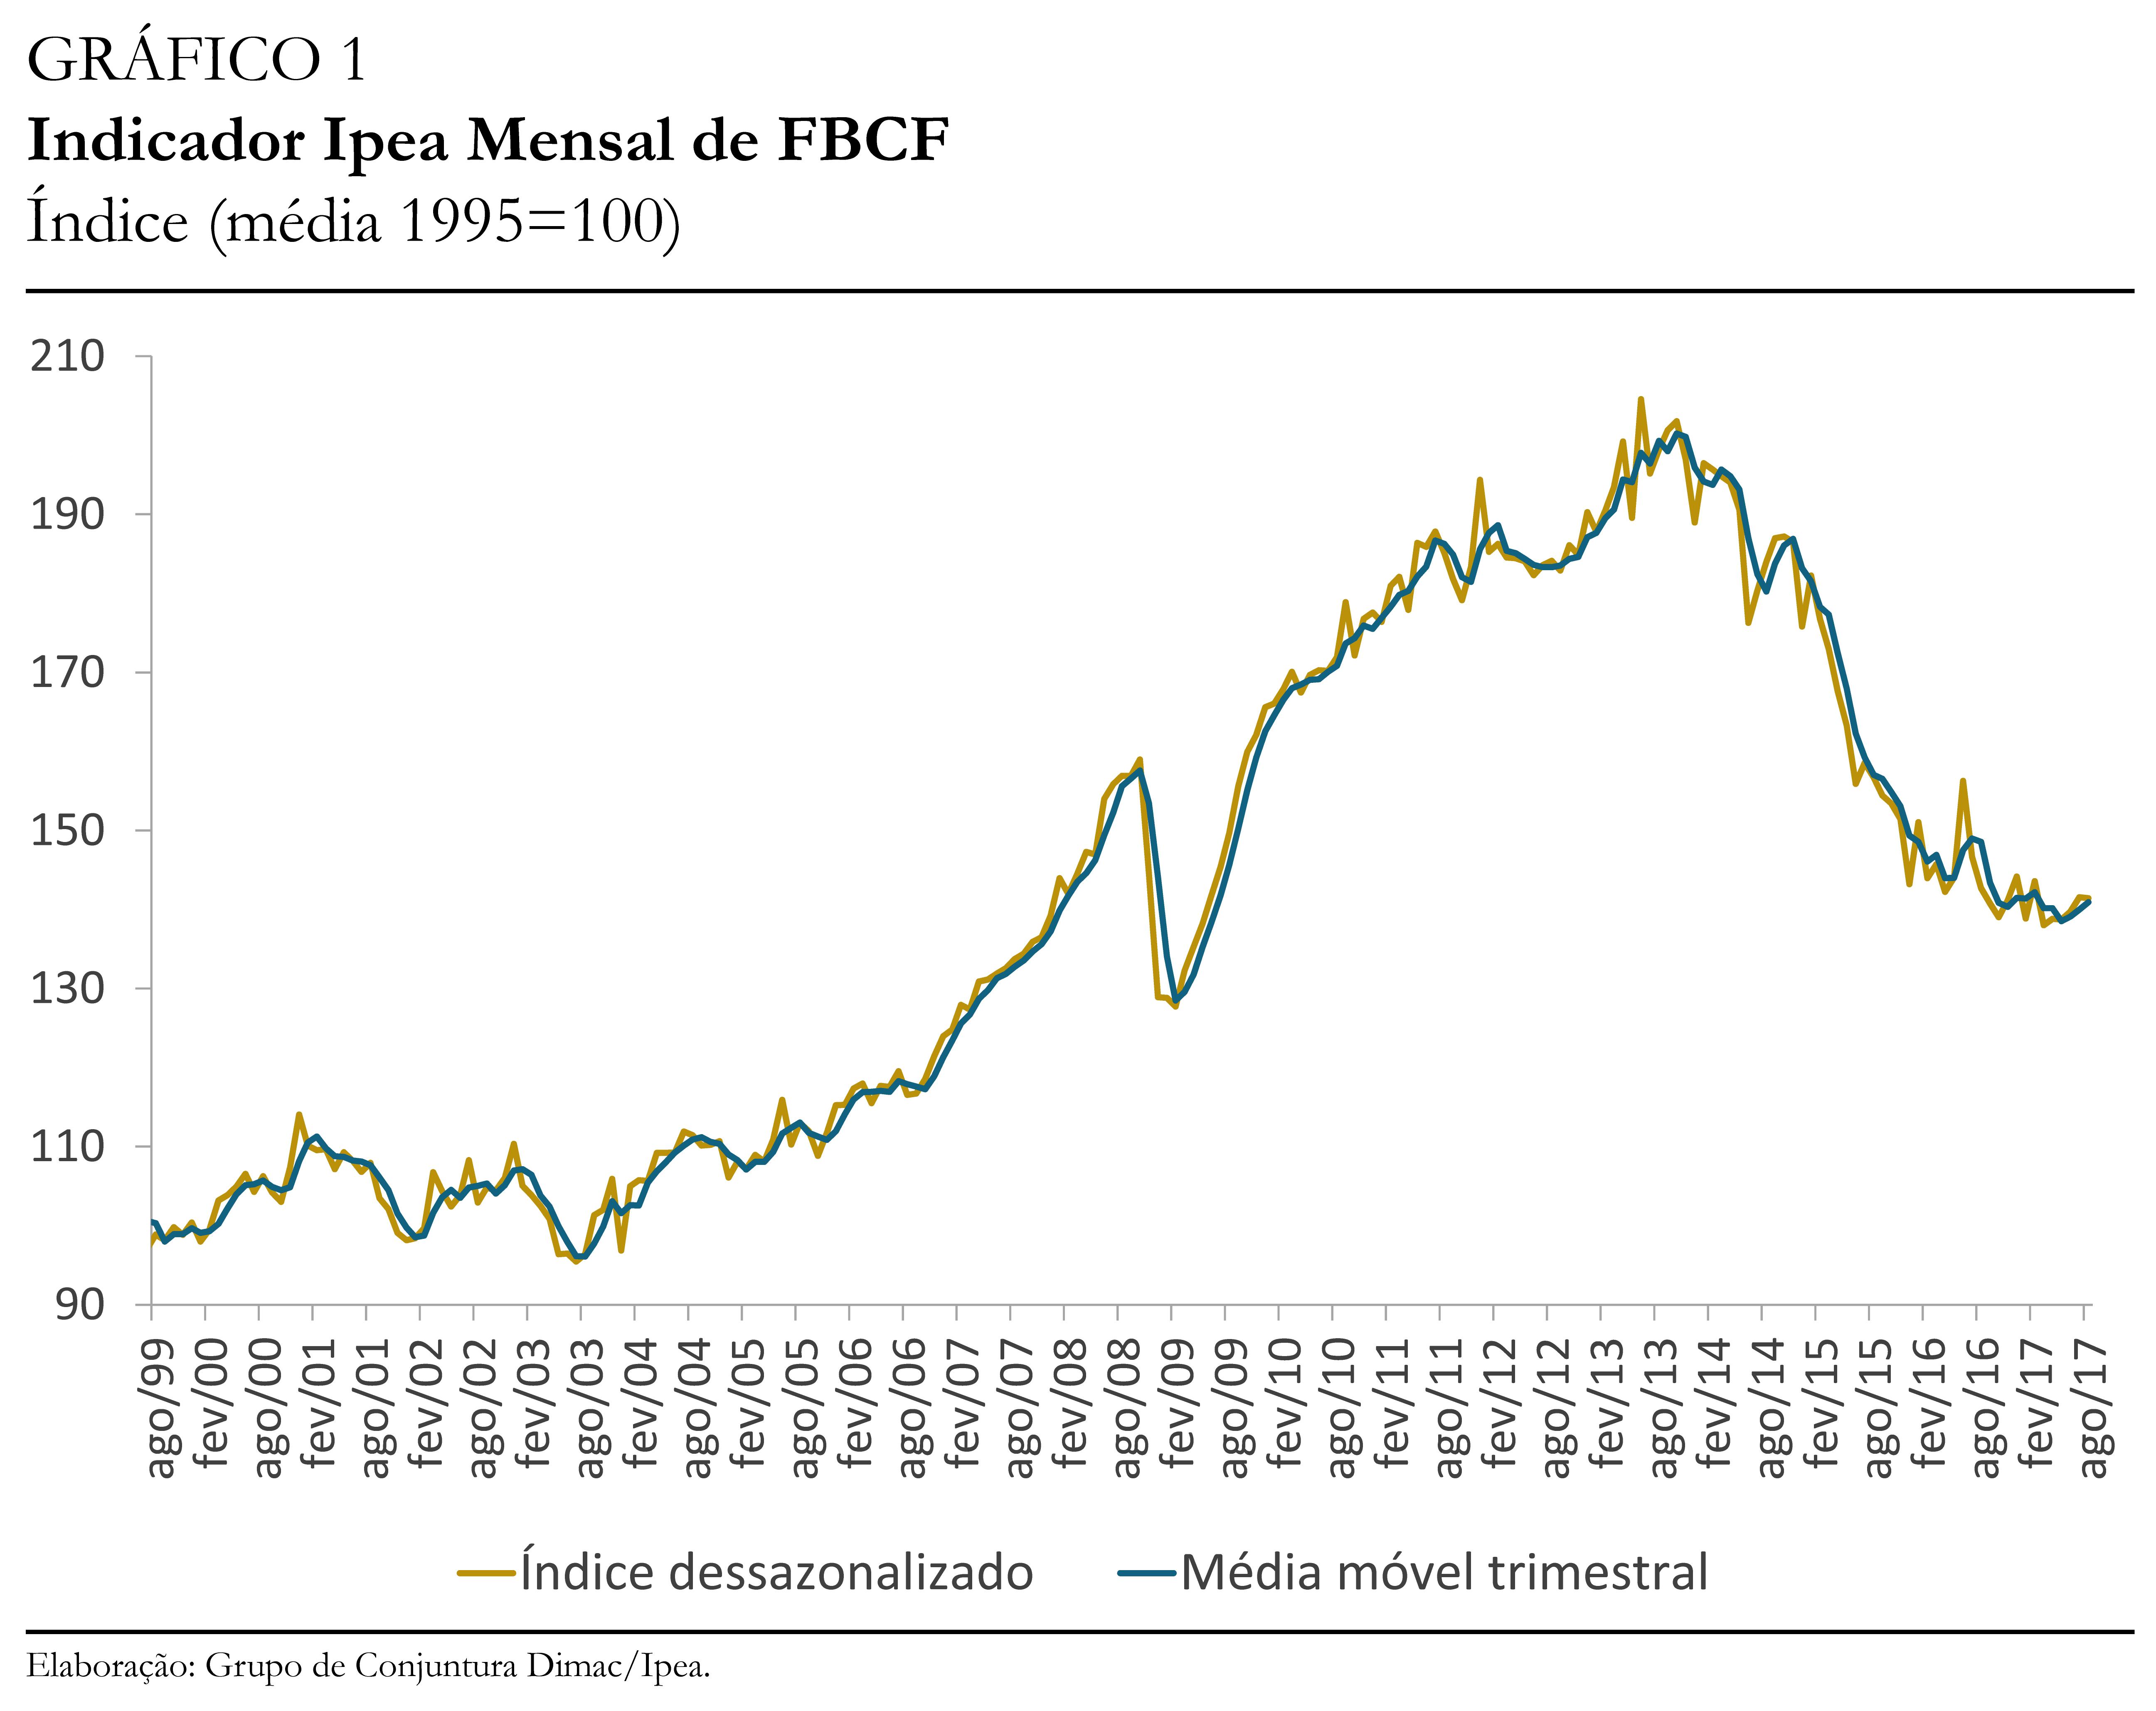 Gráfico indicador Ipea FBCF ago17